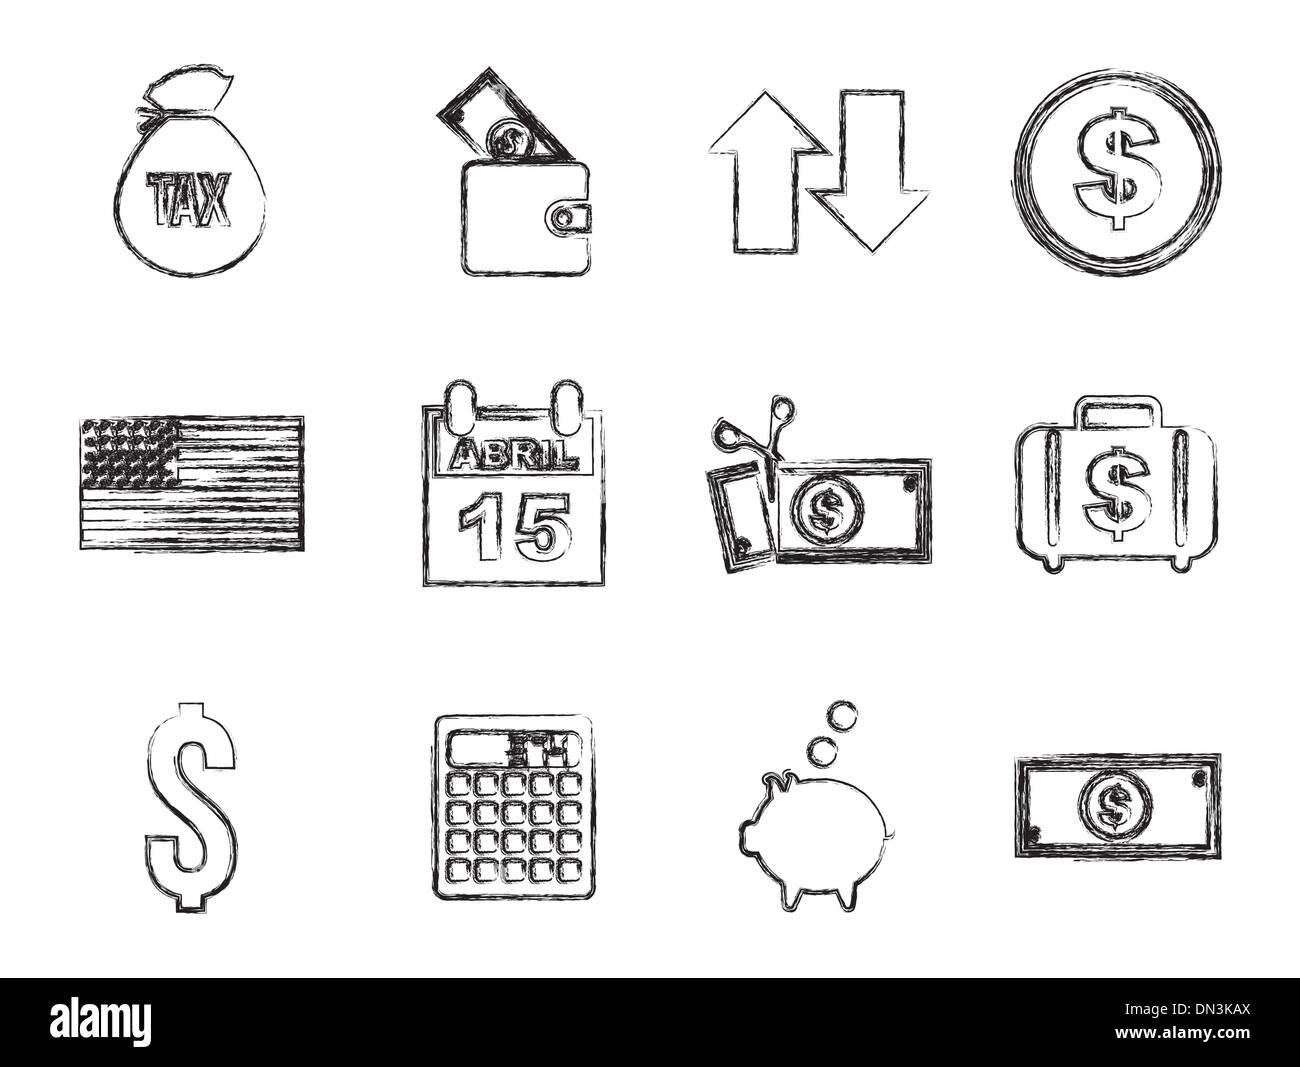 Tolle Schaltplansymbole Steuern Bilder - Elektrische Schaltplan ...